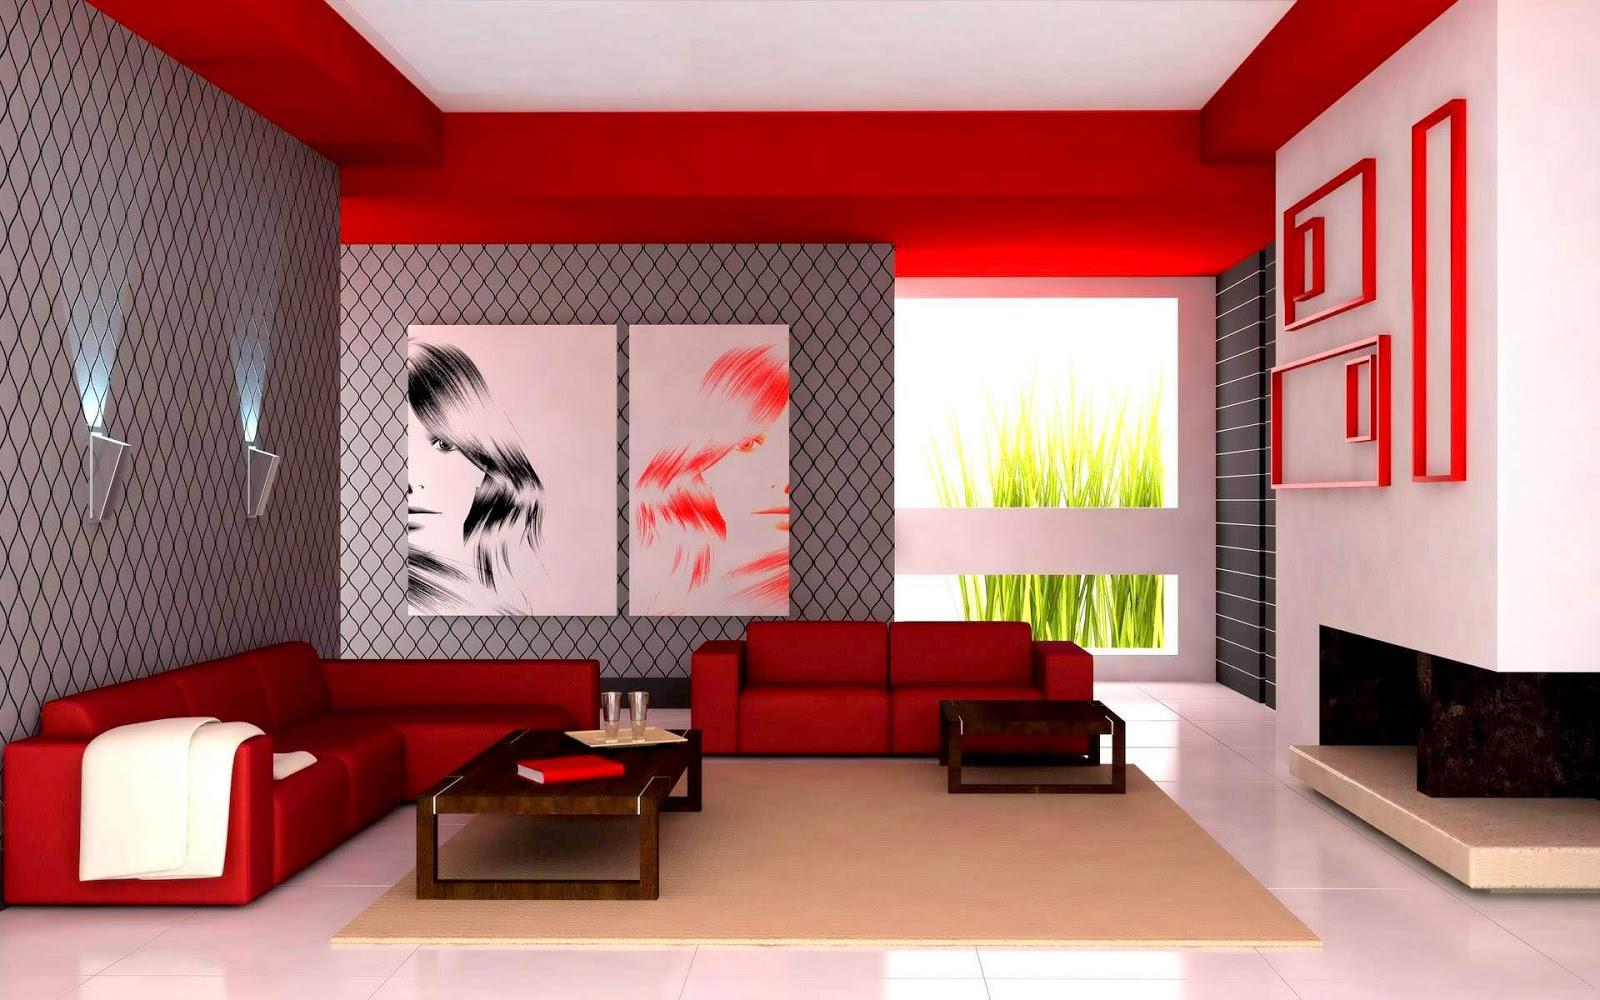 Rumah Teres Setingkat Dekorasi Ruang Tamu A Moden Dengan Warna Merah Terang